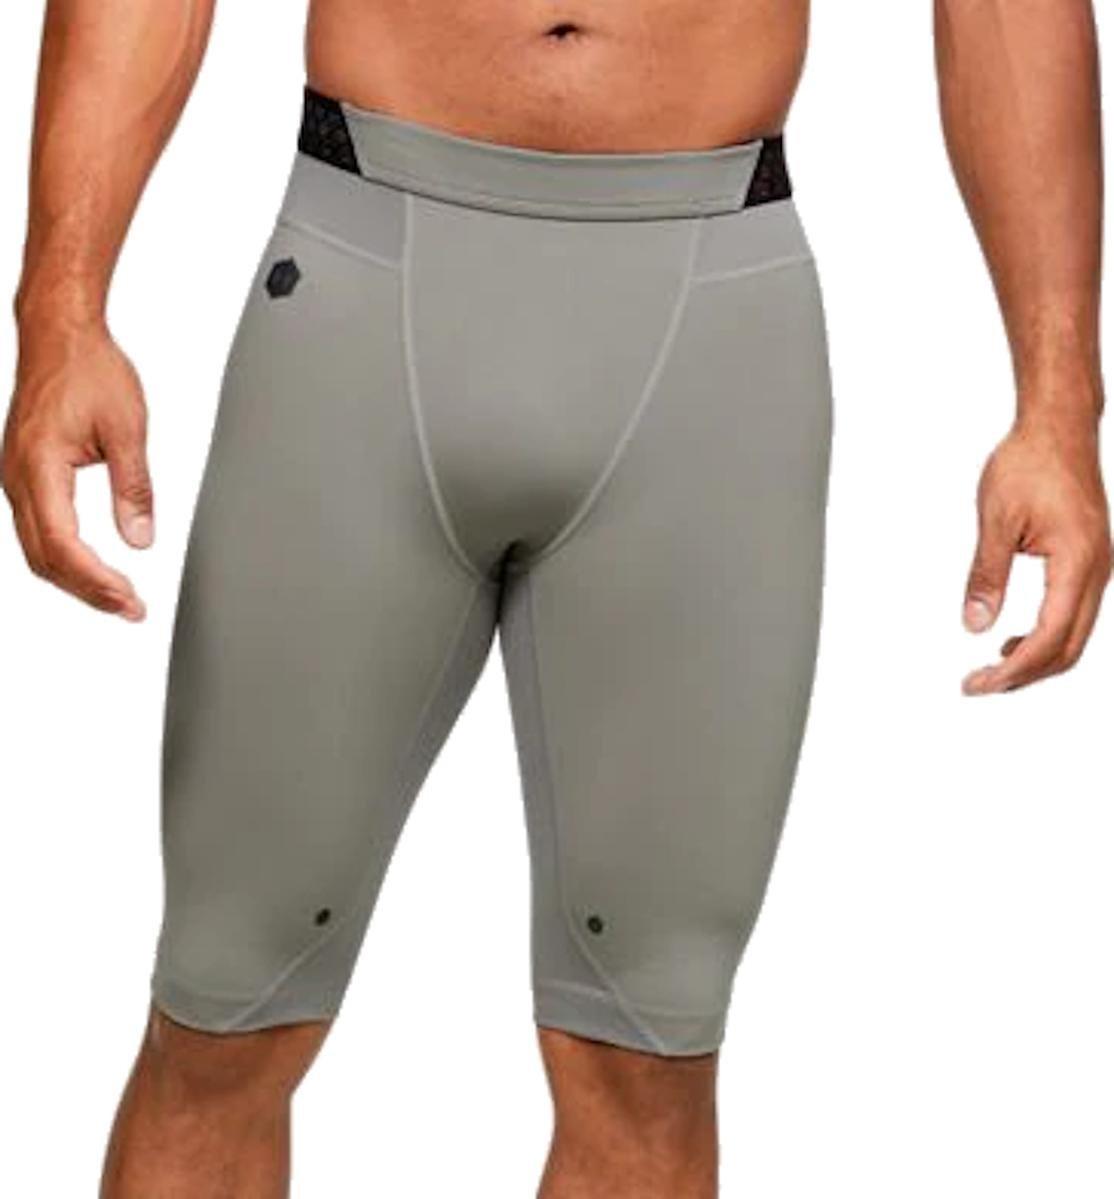 Pantalon corto de compresión Under Armour UA Rush HG Long Shorts